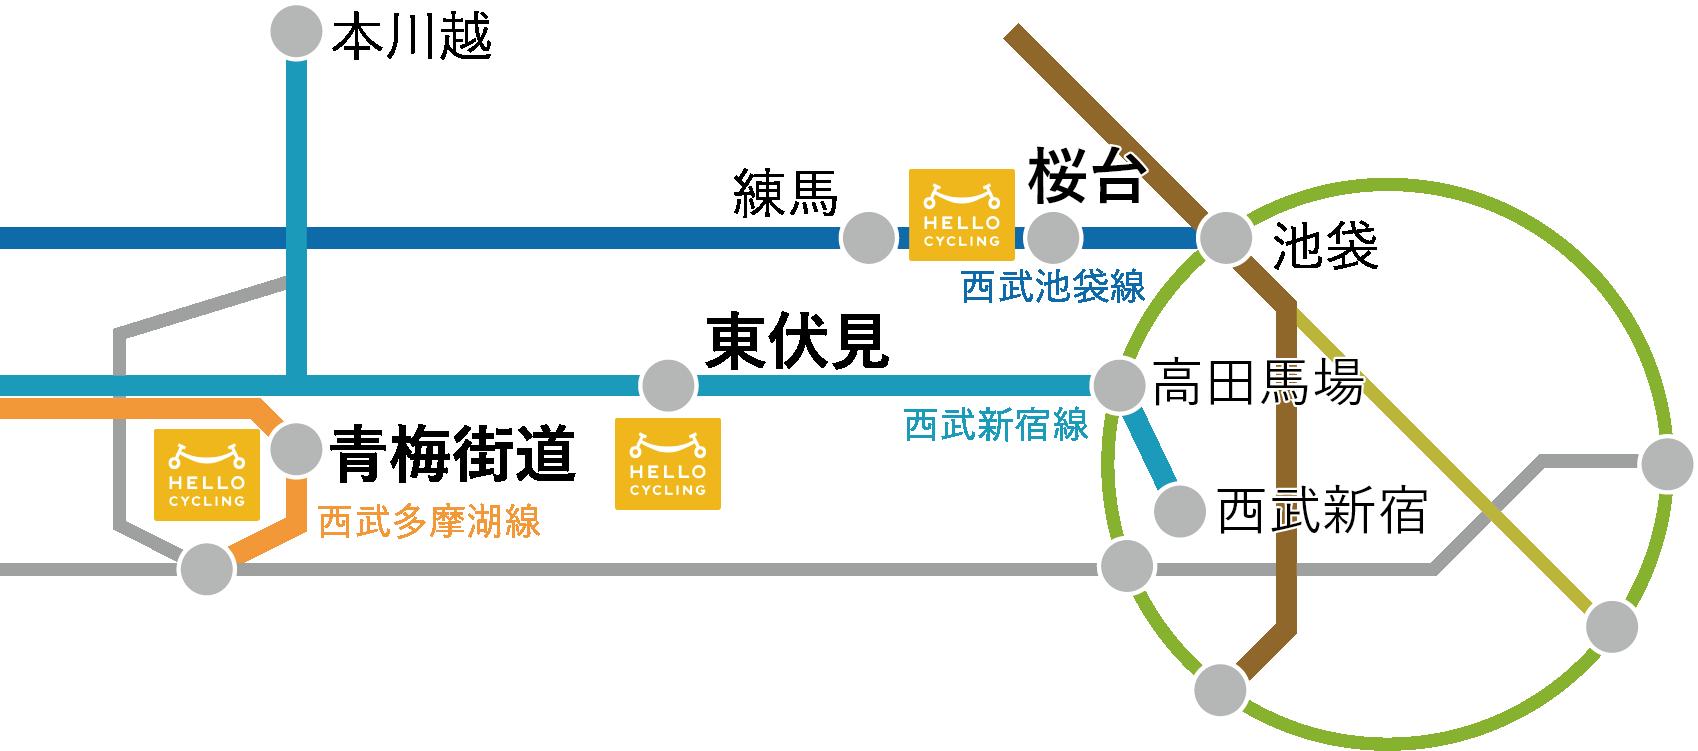 西武線プロパティーズマップ